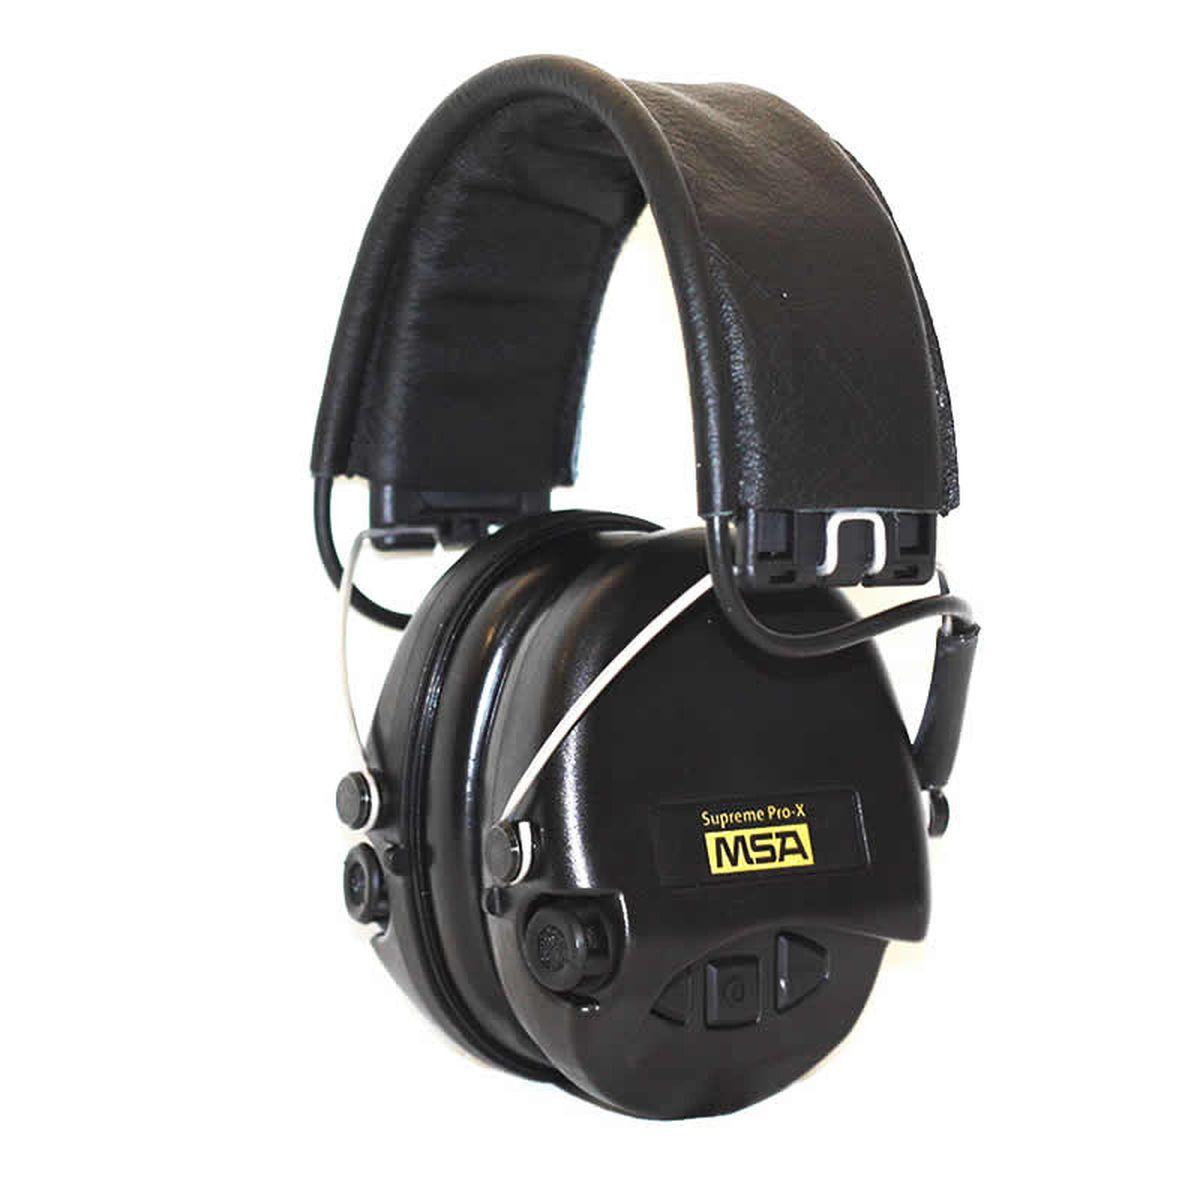 Наушники для стрельбы MSA Sordin Supreme Pro-Х/L, активныеSOR75302-Х/LАктивные наушники для стрельбы и охоты. Цвет ушных чашек – хаки. Усиливают слабый звук в 4 раза до 27 Дц и уменьшают шум до 82 Дц. Звуковая картинка на 360° градусов, звук Stereo. Два отдельных ветро-влагозащищенных микрофона. Влагозащищенный батарейный отсек. Звуковая пауза после отсечки шумовой волны менее 0,6 сек. Широкие кнопки включения с регулировкой громкости звука – 4 положения. Складные соединительные дужки, из прочной проволочной стали, покрытой антикоррозийным лаком. Дужки отделаны кожей. Предусмотрено прослушивание аудиозаписей через плеер/телефон, но основная функция – прослушивание сообщений через переносную радиостанцию. Возможно использование PTT(двух-полосная связь). Автоматическое отключение через 4 часа после начала использования. Предупреждение звуковым сигналом за 40 часов о низком заряде батареи. В комплекте две батарейки ААА, разъём AUX 3,5 мм., кабель. Вес: 310 гр. Гарантия 15год.